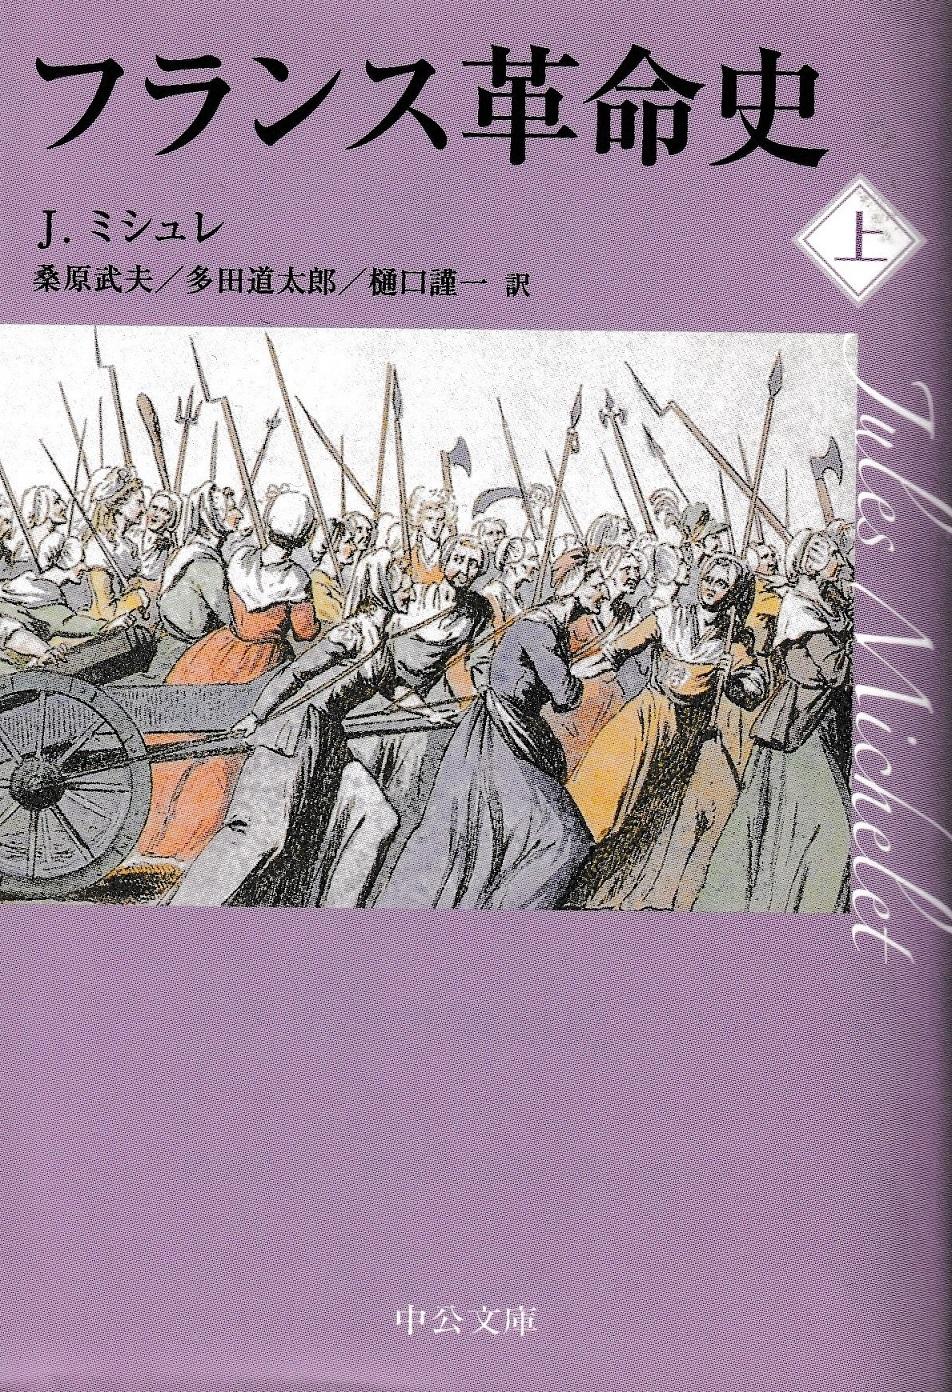 司馬遼太郎を語る会(4月例会のご案内)